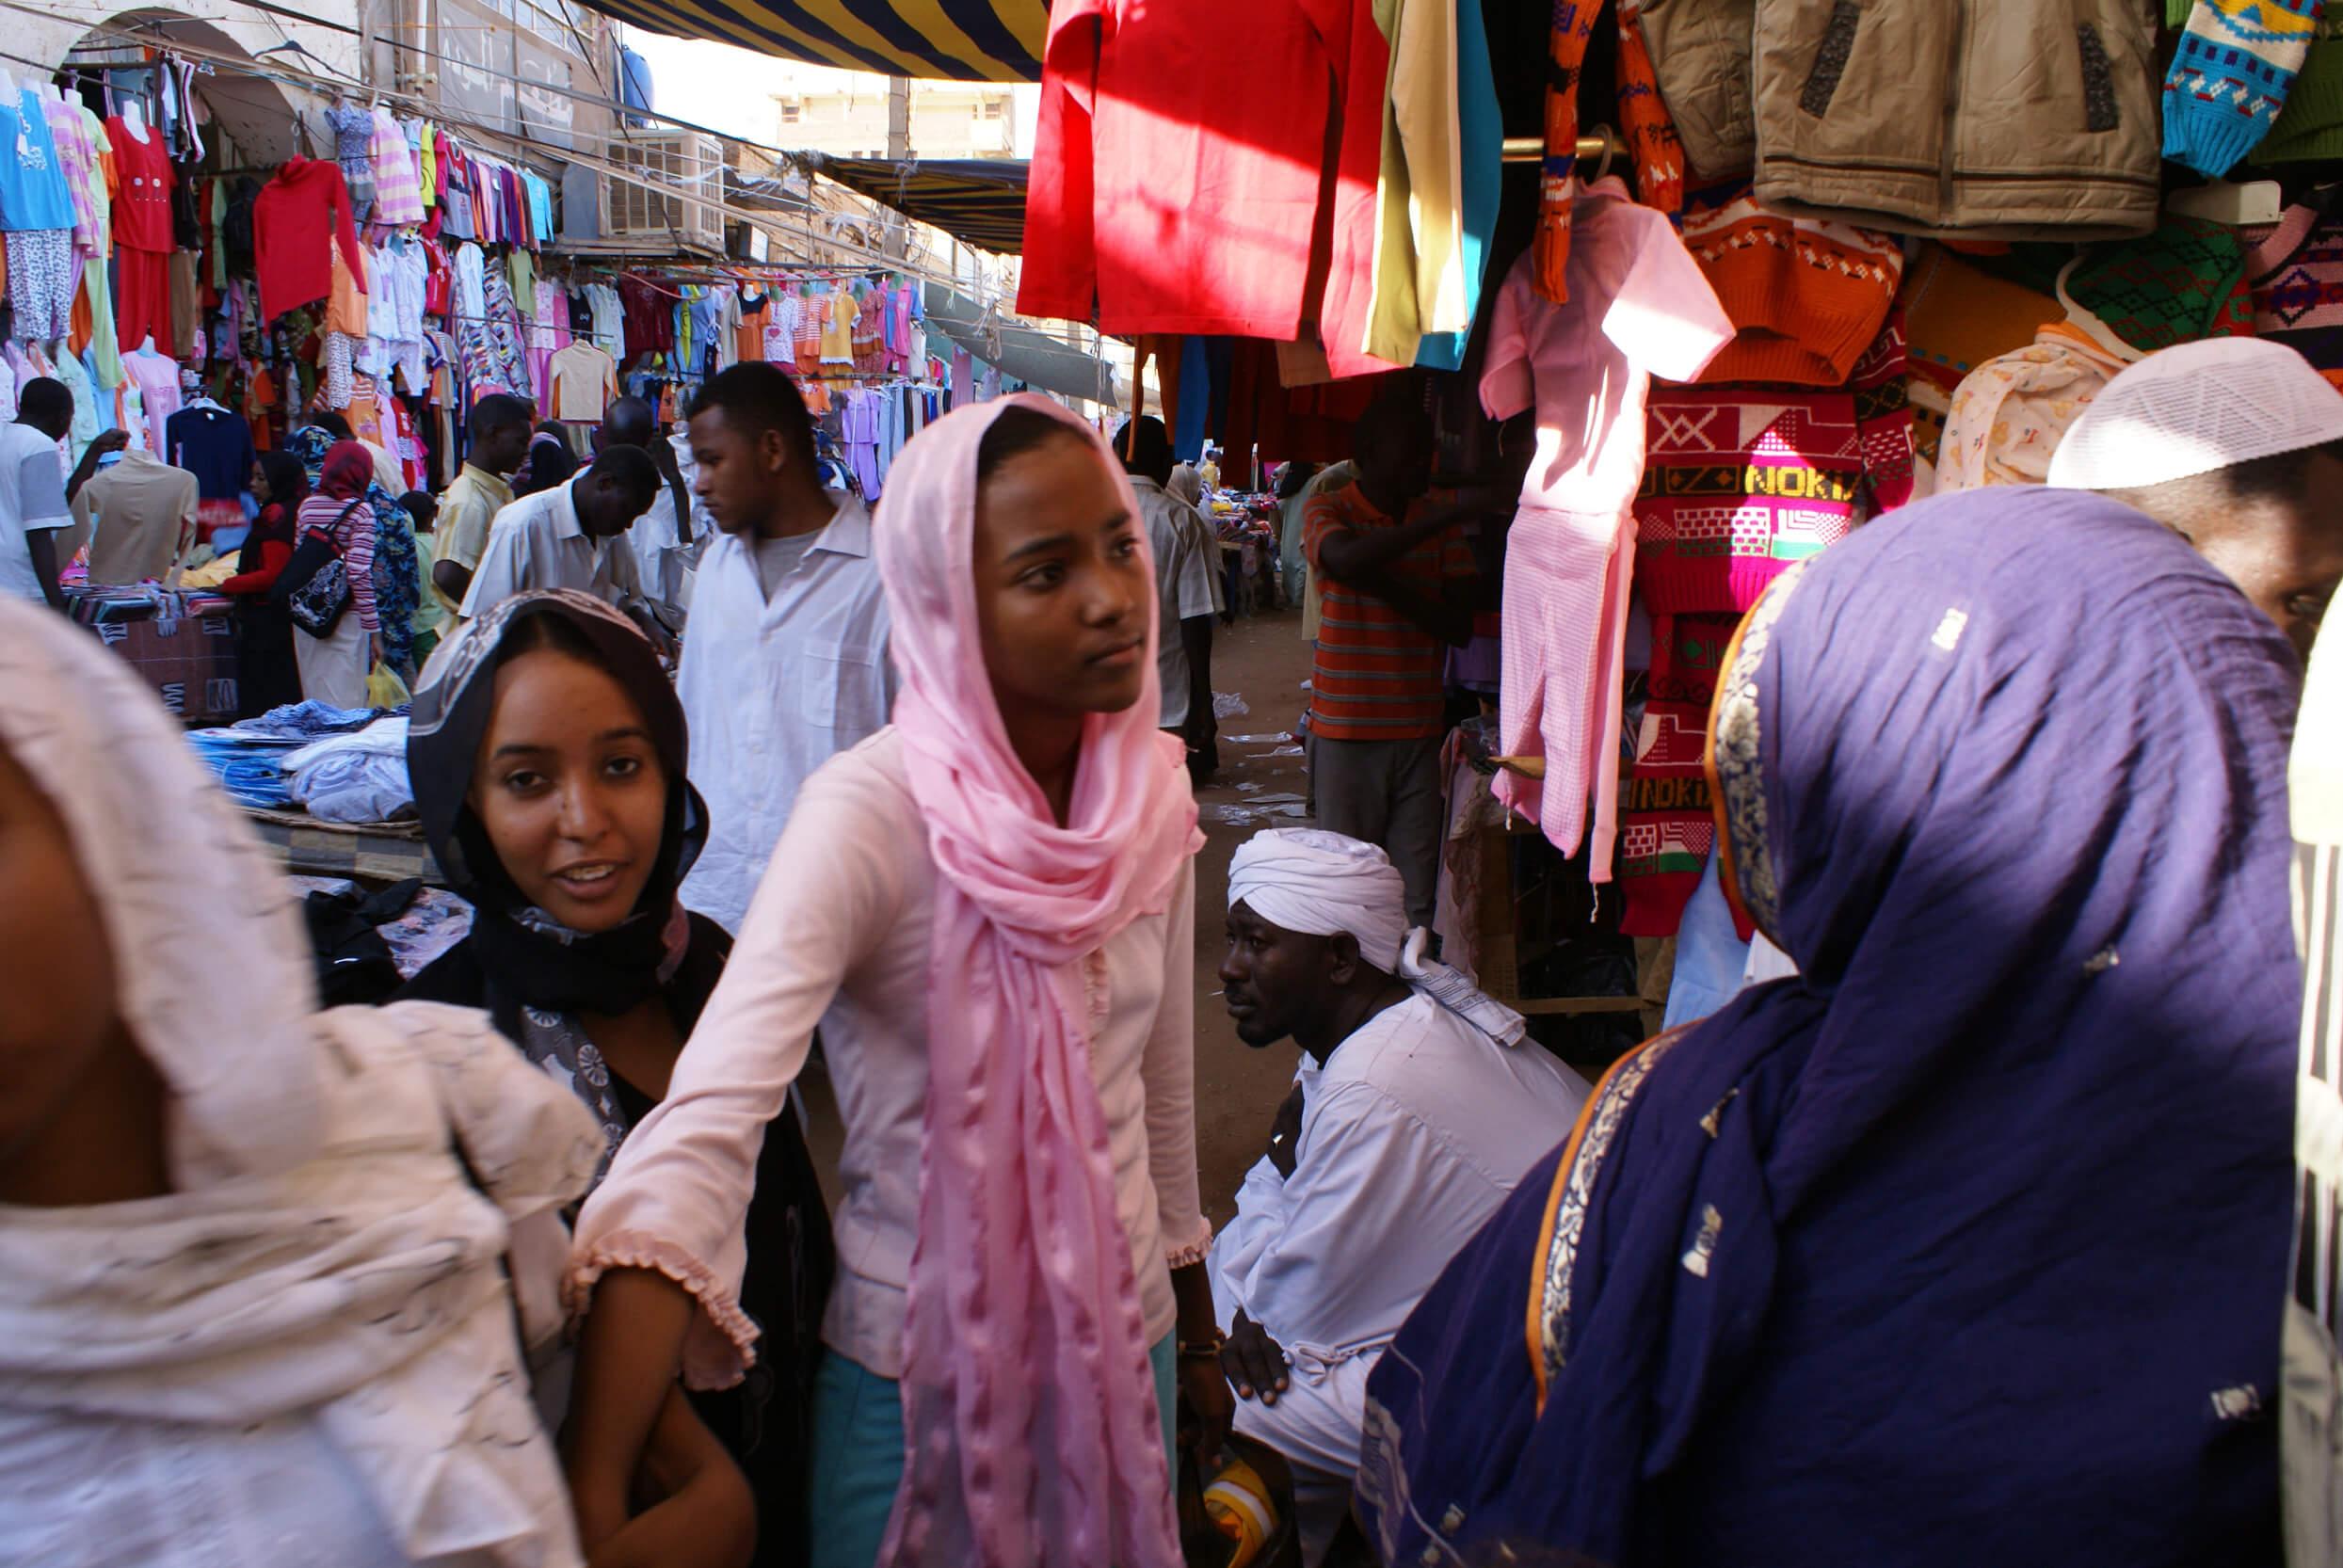 https://bubo.sk/uploads/galleries/7407/lubosfellner_sudan_9-trh-omdurman-na-zajazde-2018-nmavstivime.jpg